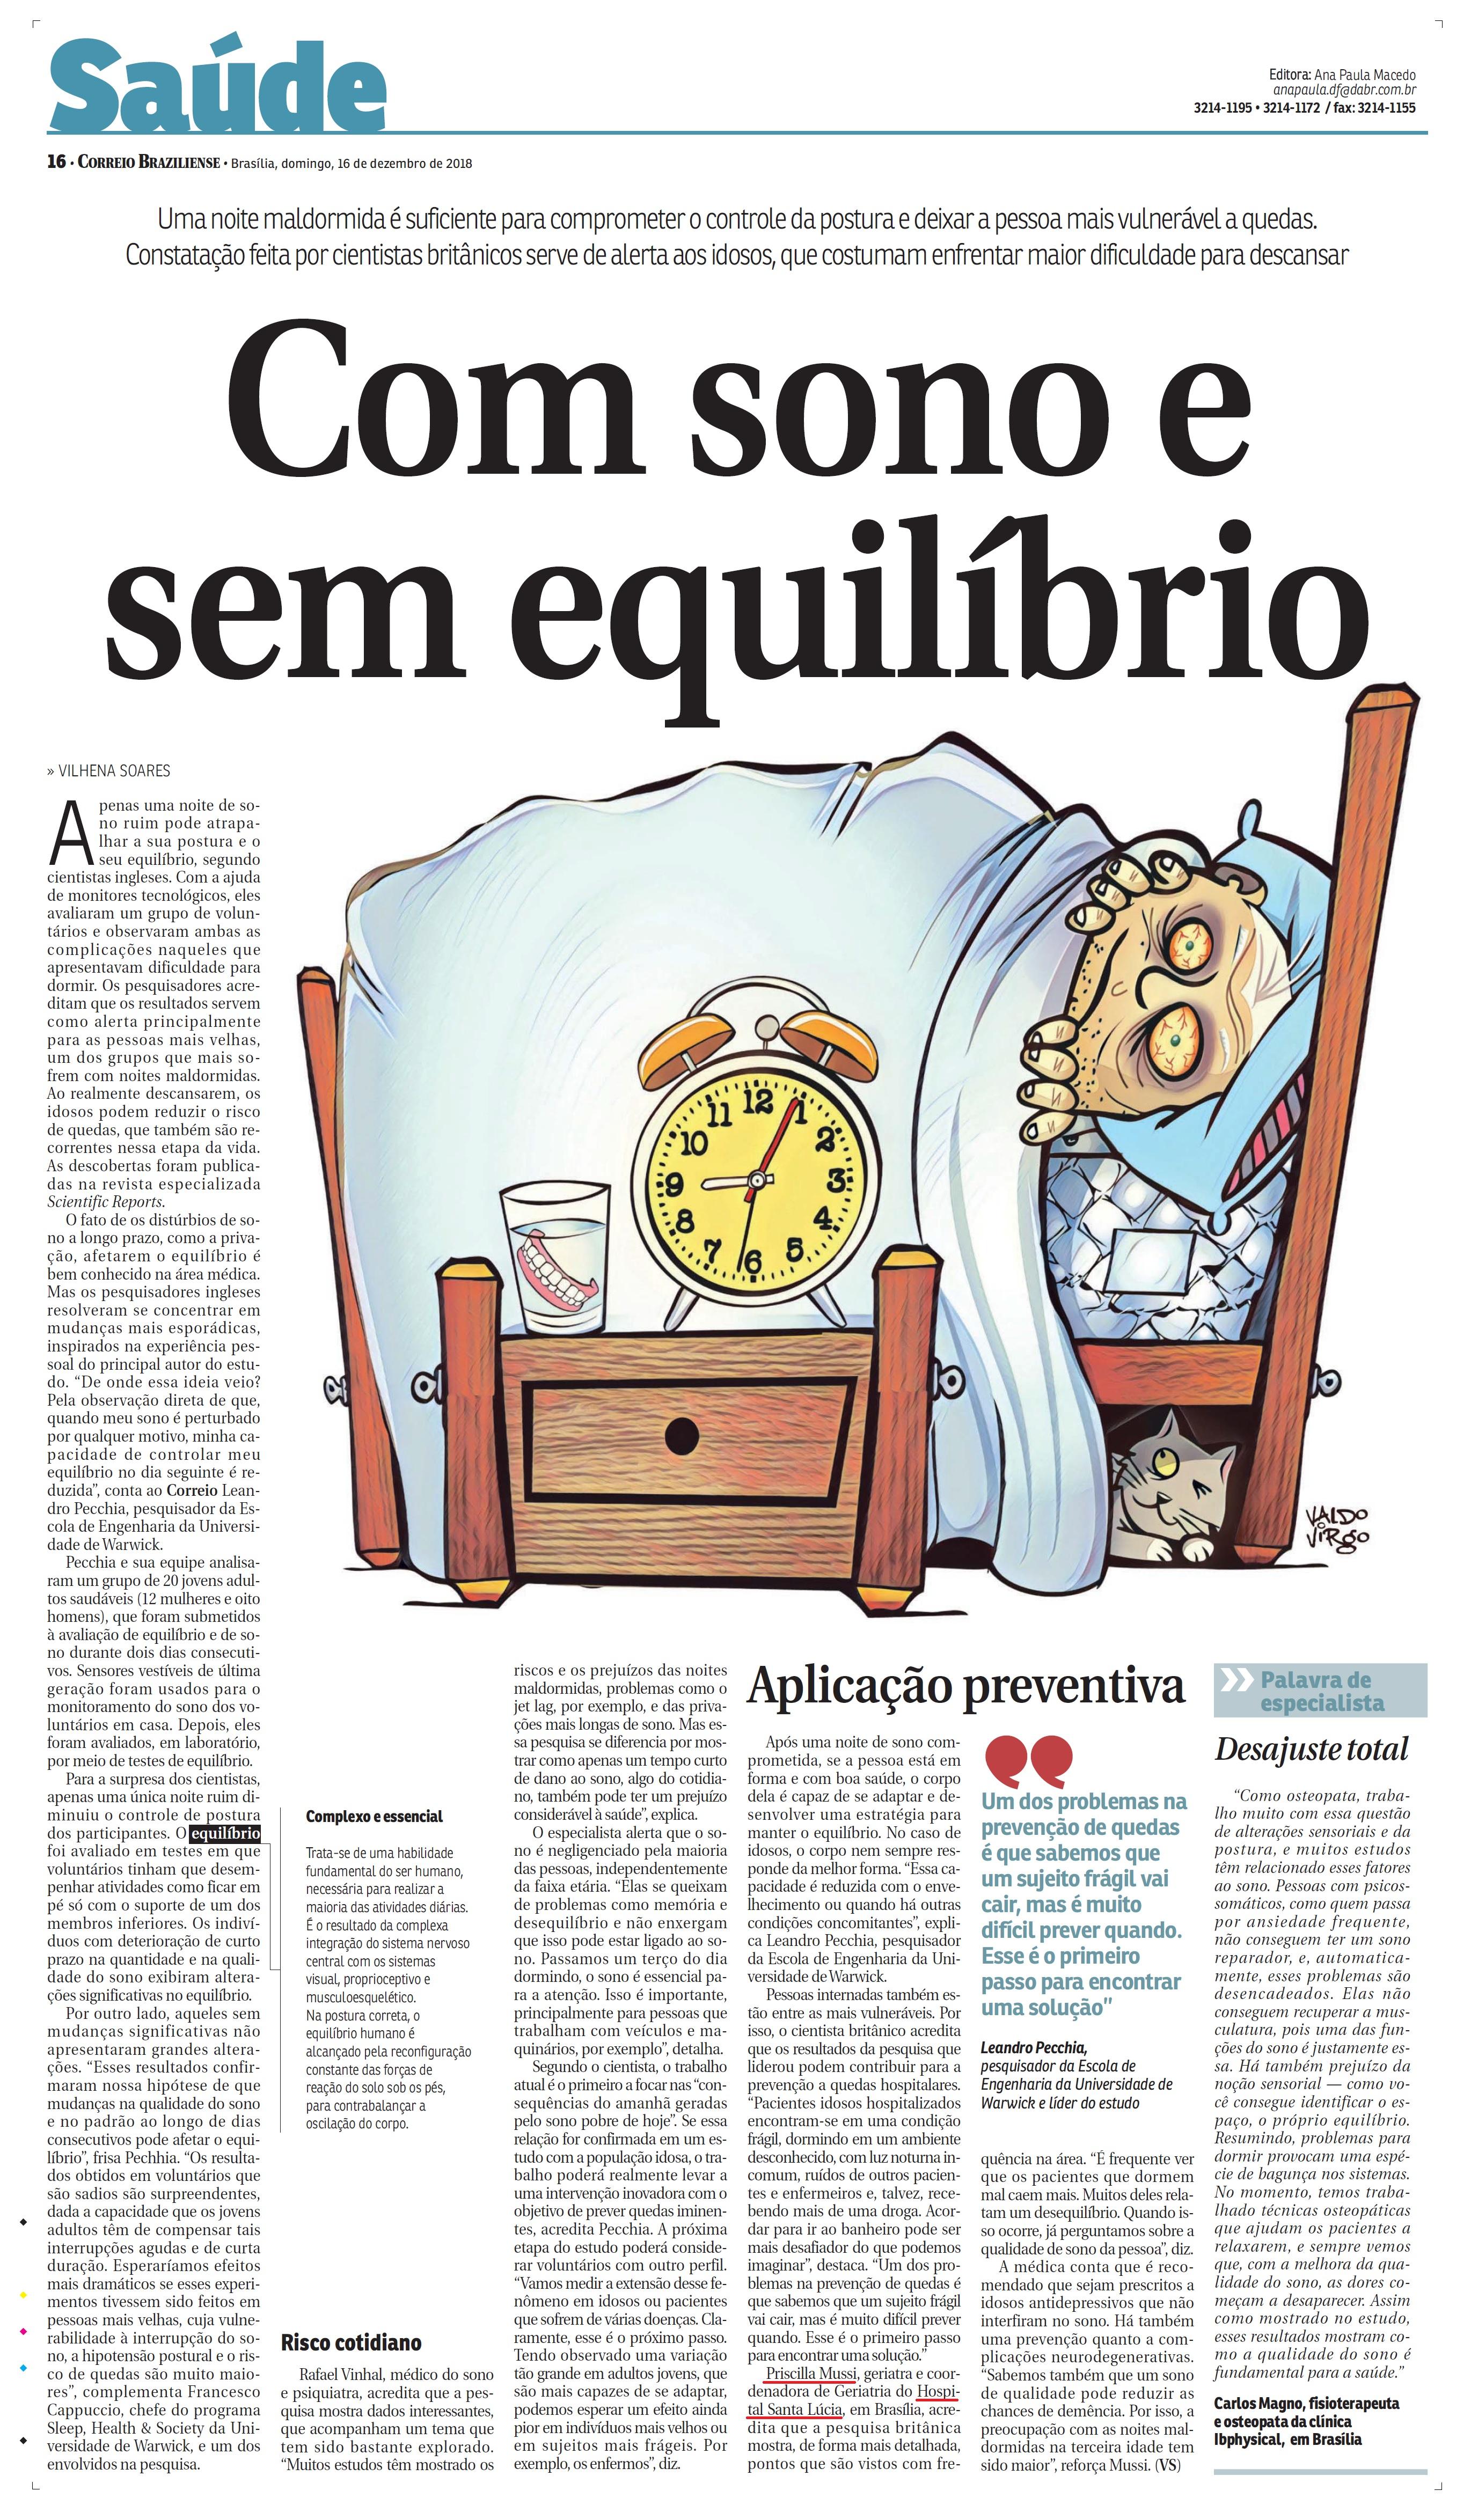 Correio Braziliense - Dra. Priscilla Mussi HSLS - 16-12-2018